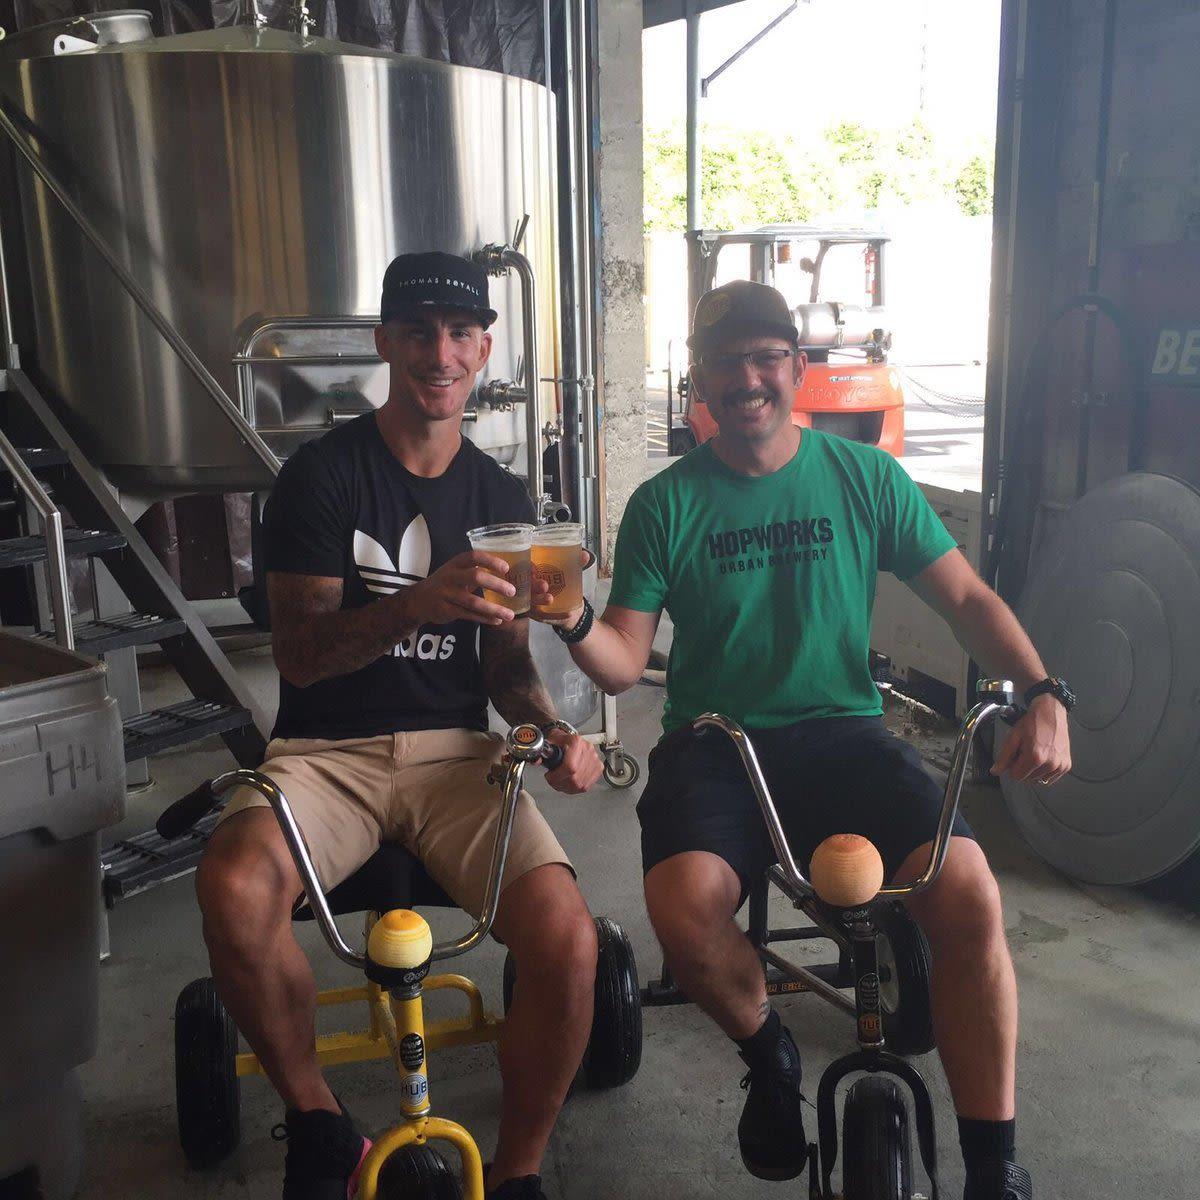 Liam ridgewell hopworks beer cu1bvz